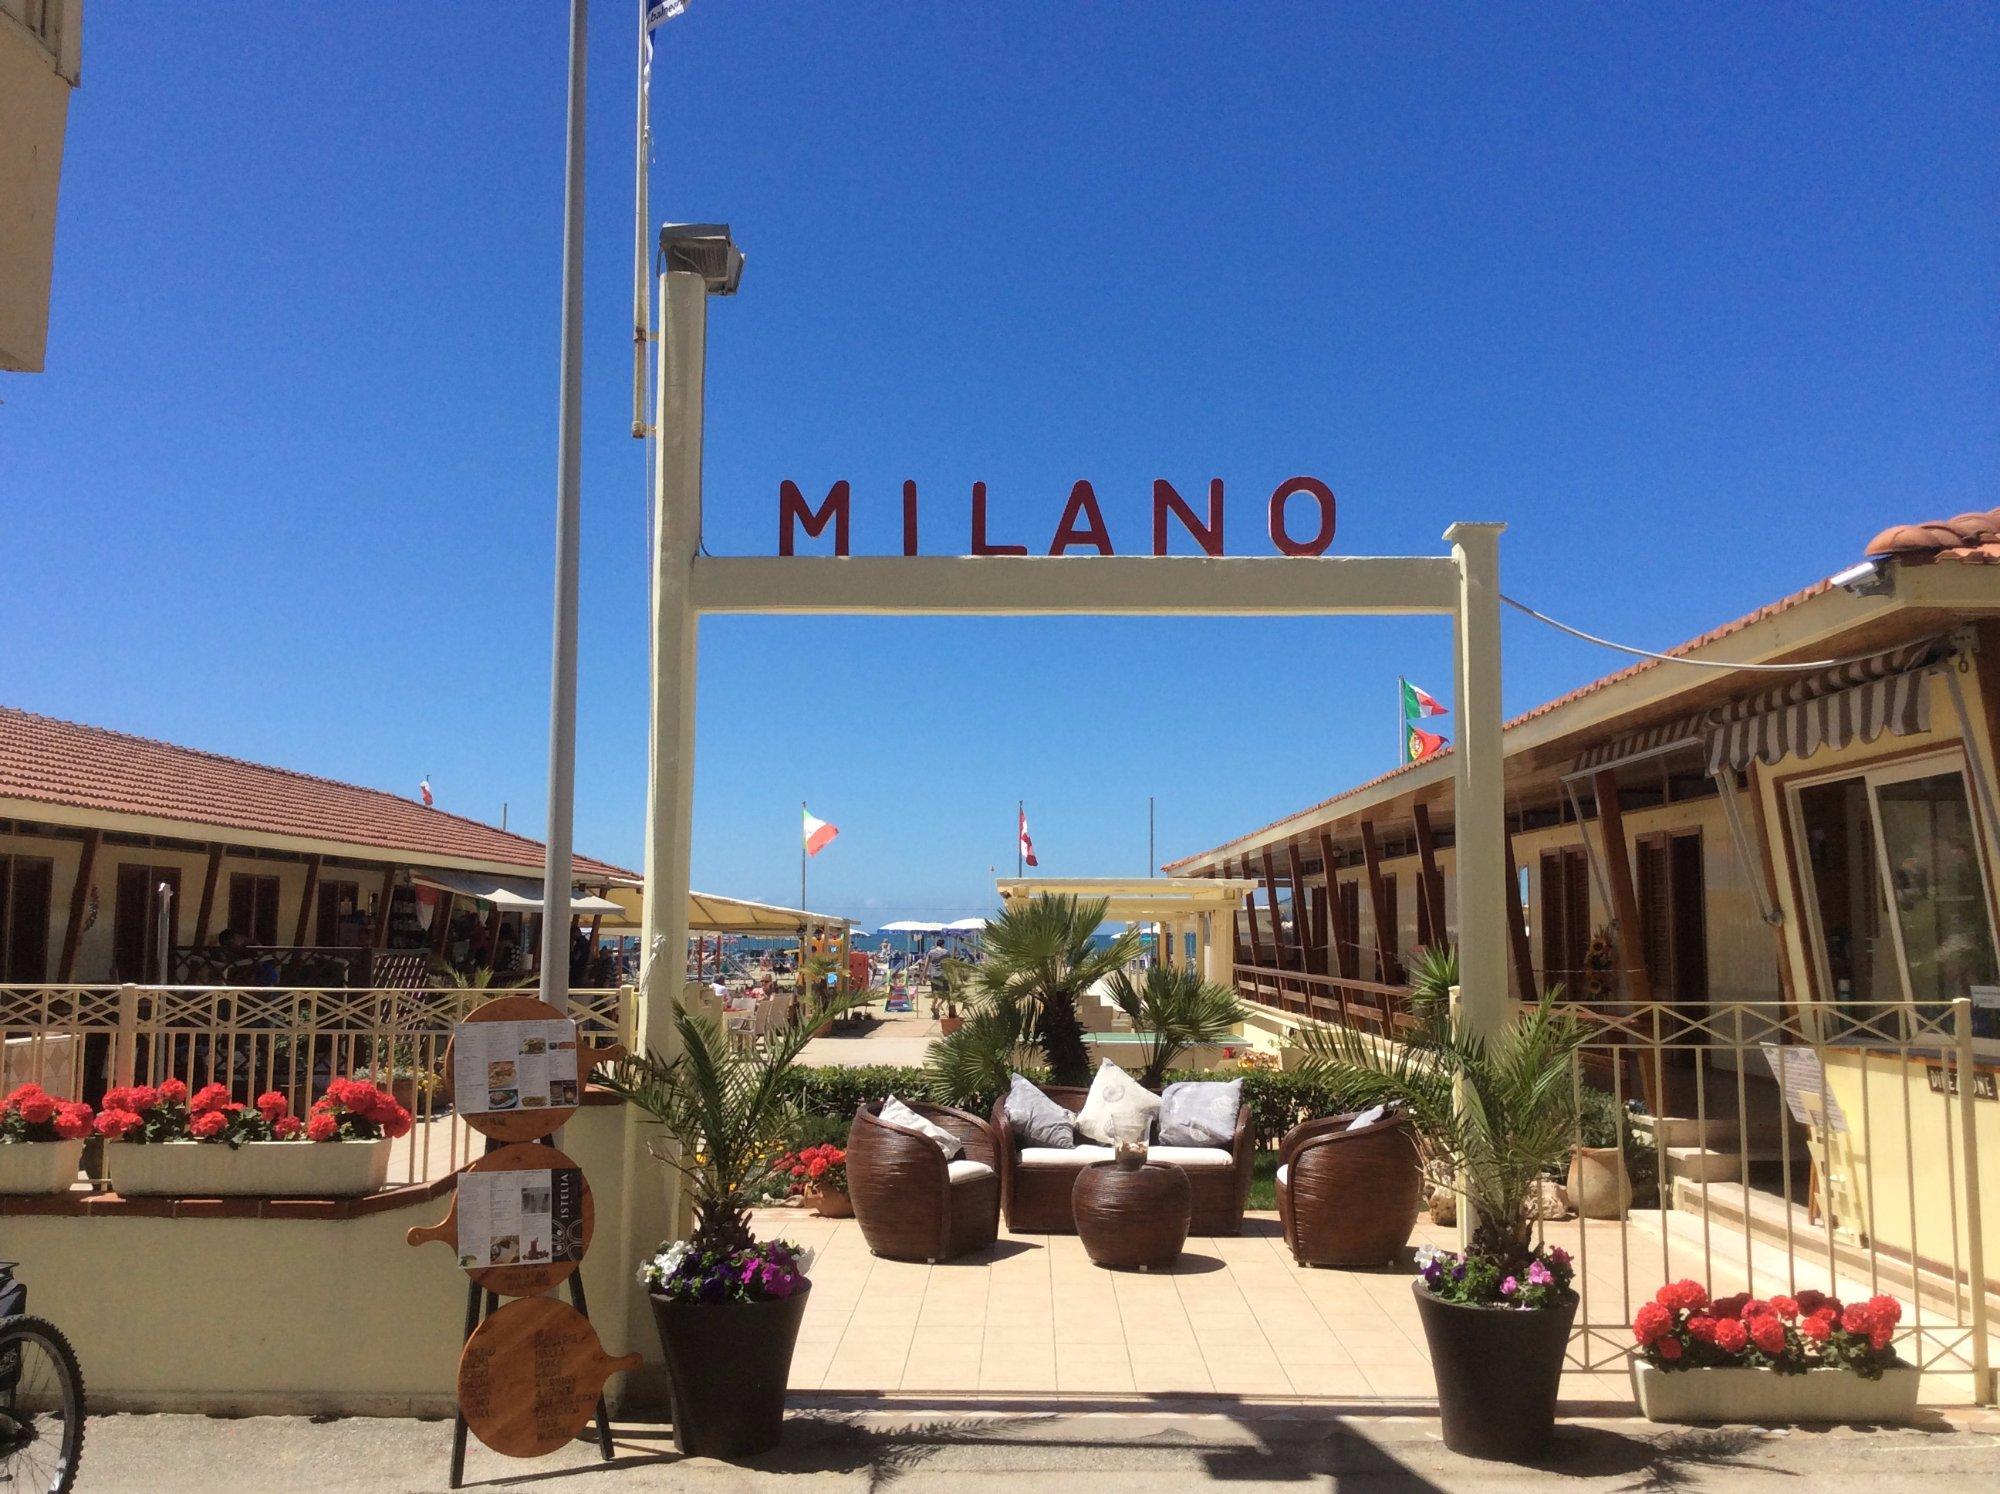 Bagno milano a viareggio prezzi recensioni ristoranti vicini - Bagno milano viareggio ...